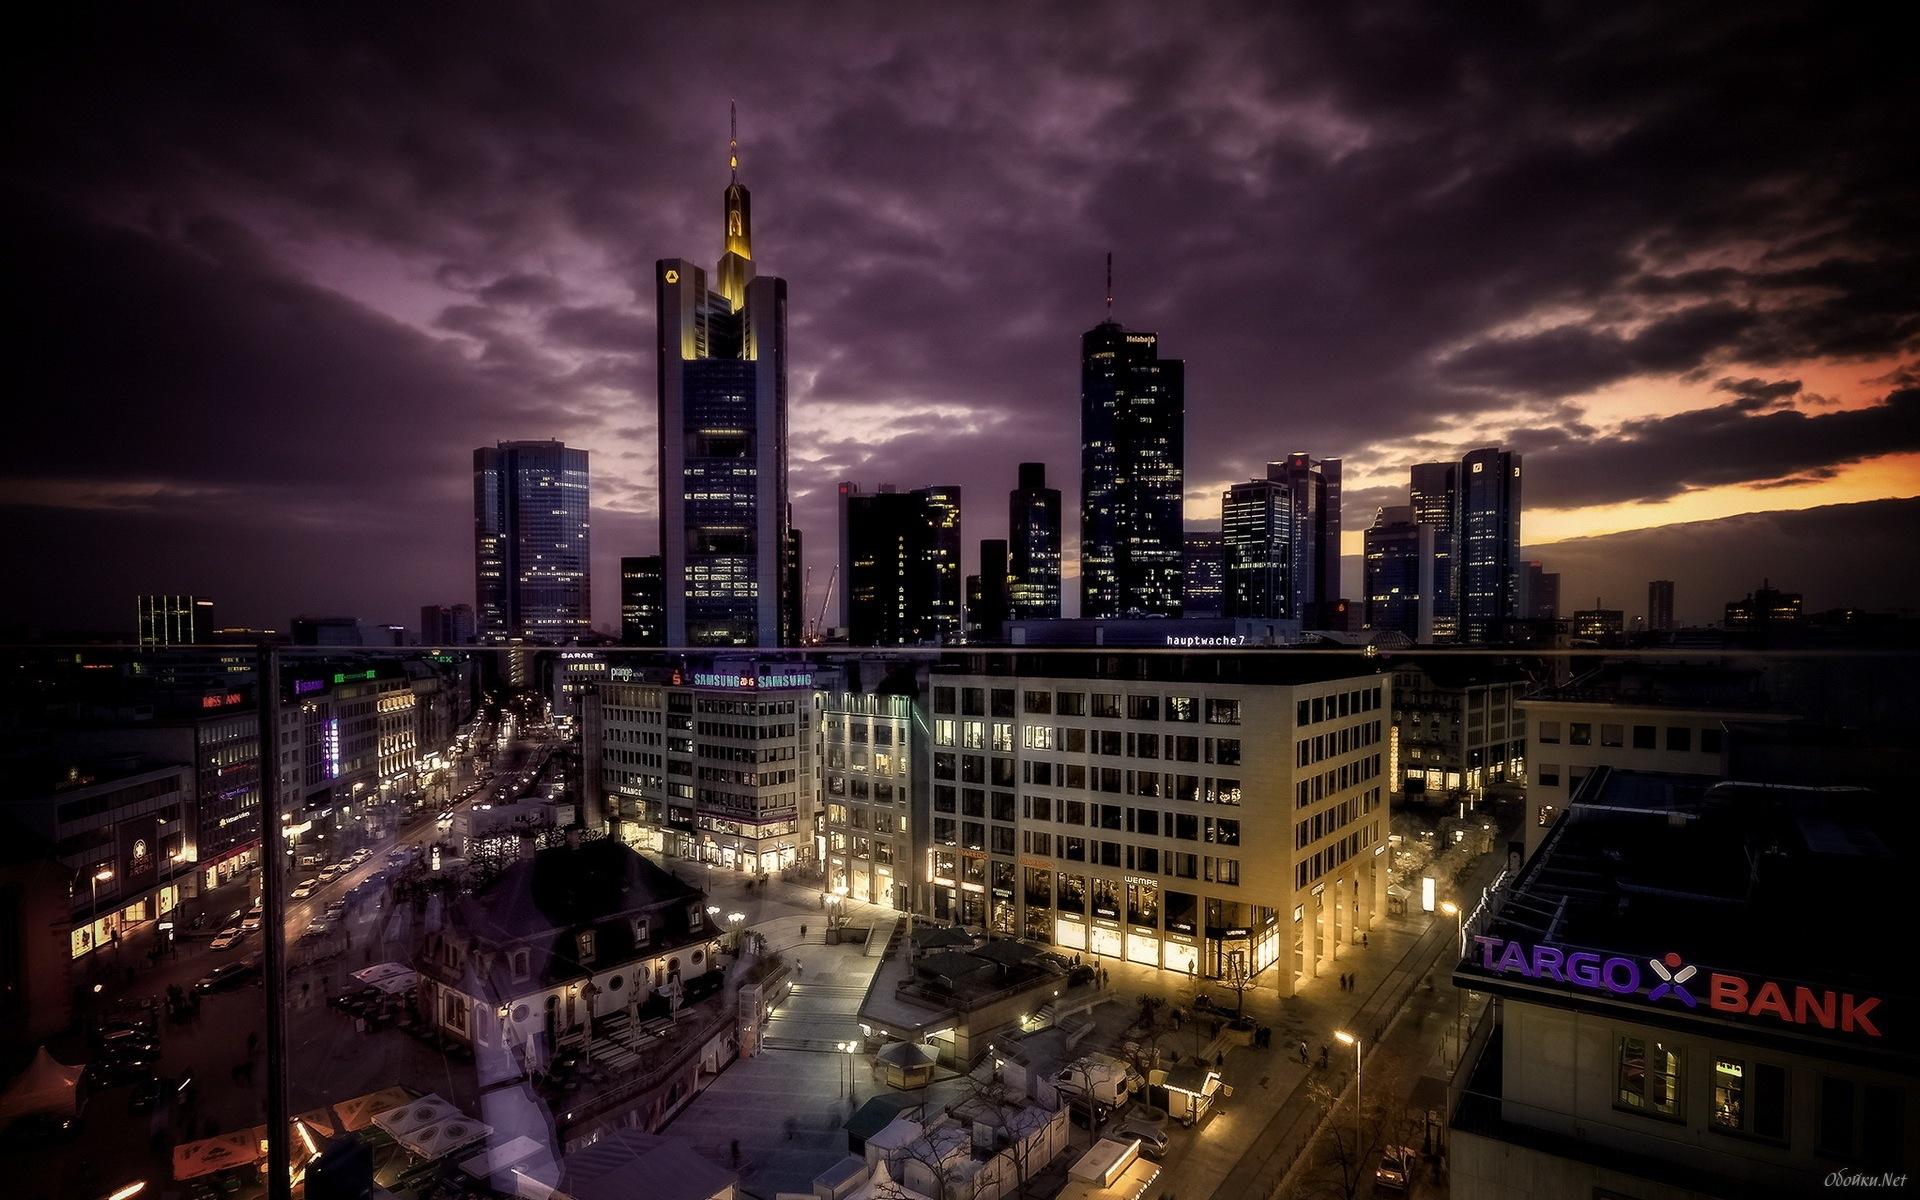 Night city landscape HD Desktop Wallpaper HD Desktop Wallpaper 1920x1200